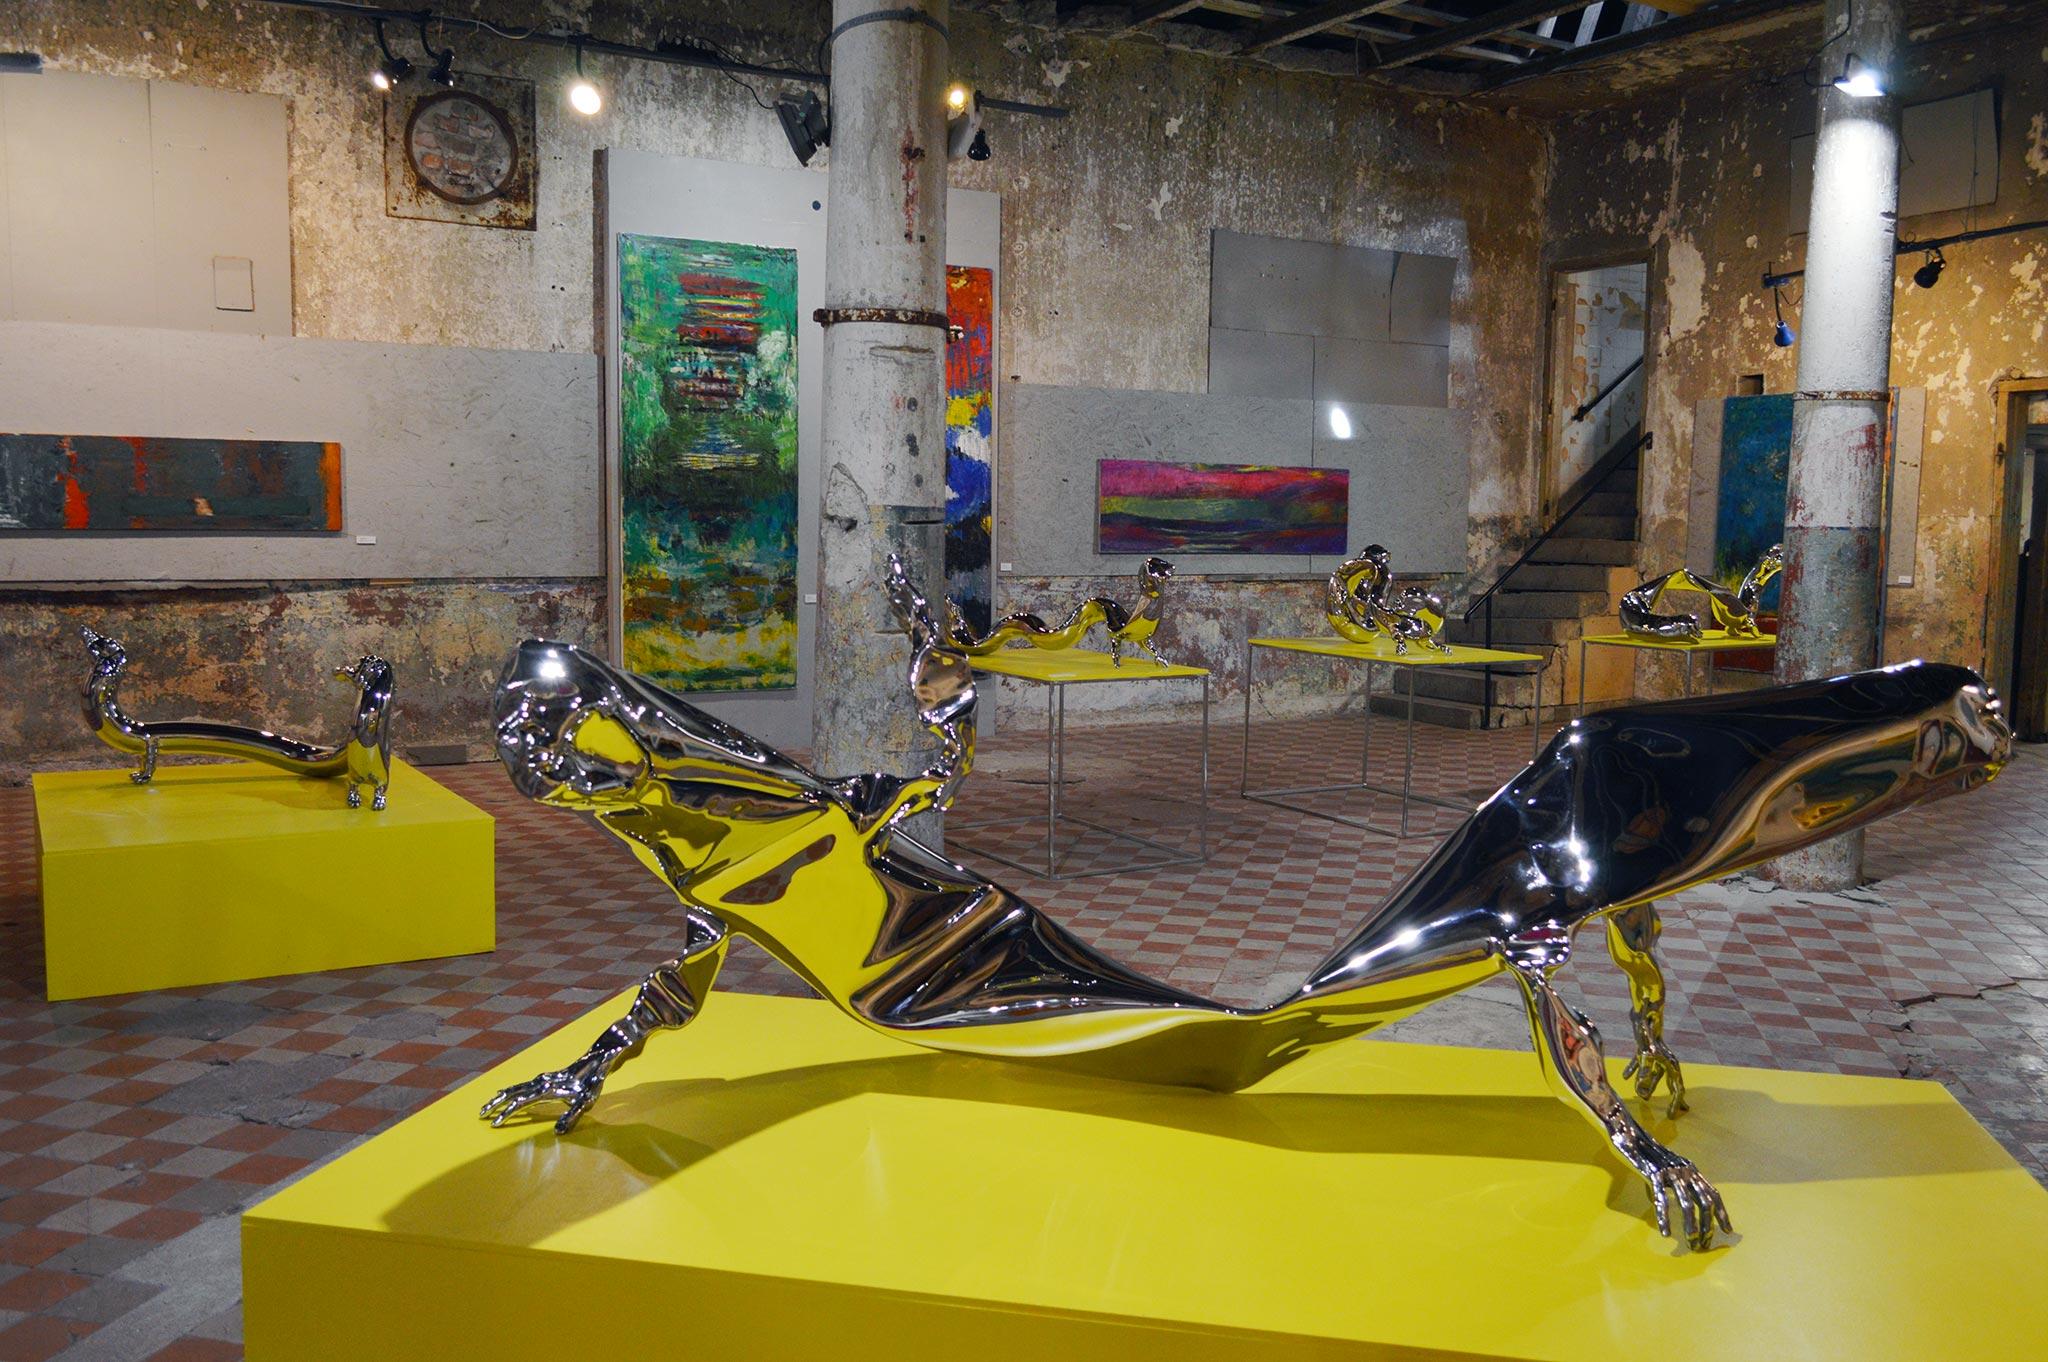 Tavoitellaan kiiltävää kohtaloa -kesänäyttelyssä on esillä myös esimerkiksi Kimmo Schroderuksen metallisia veistoksia ja Reijo Viljasen pehmeitä värimaalauksia.